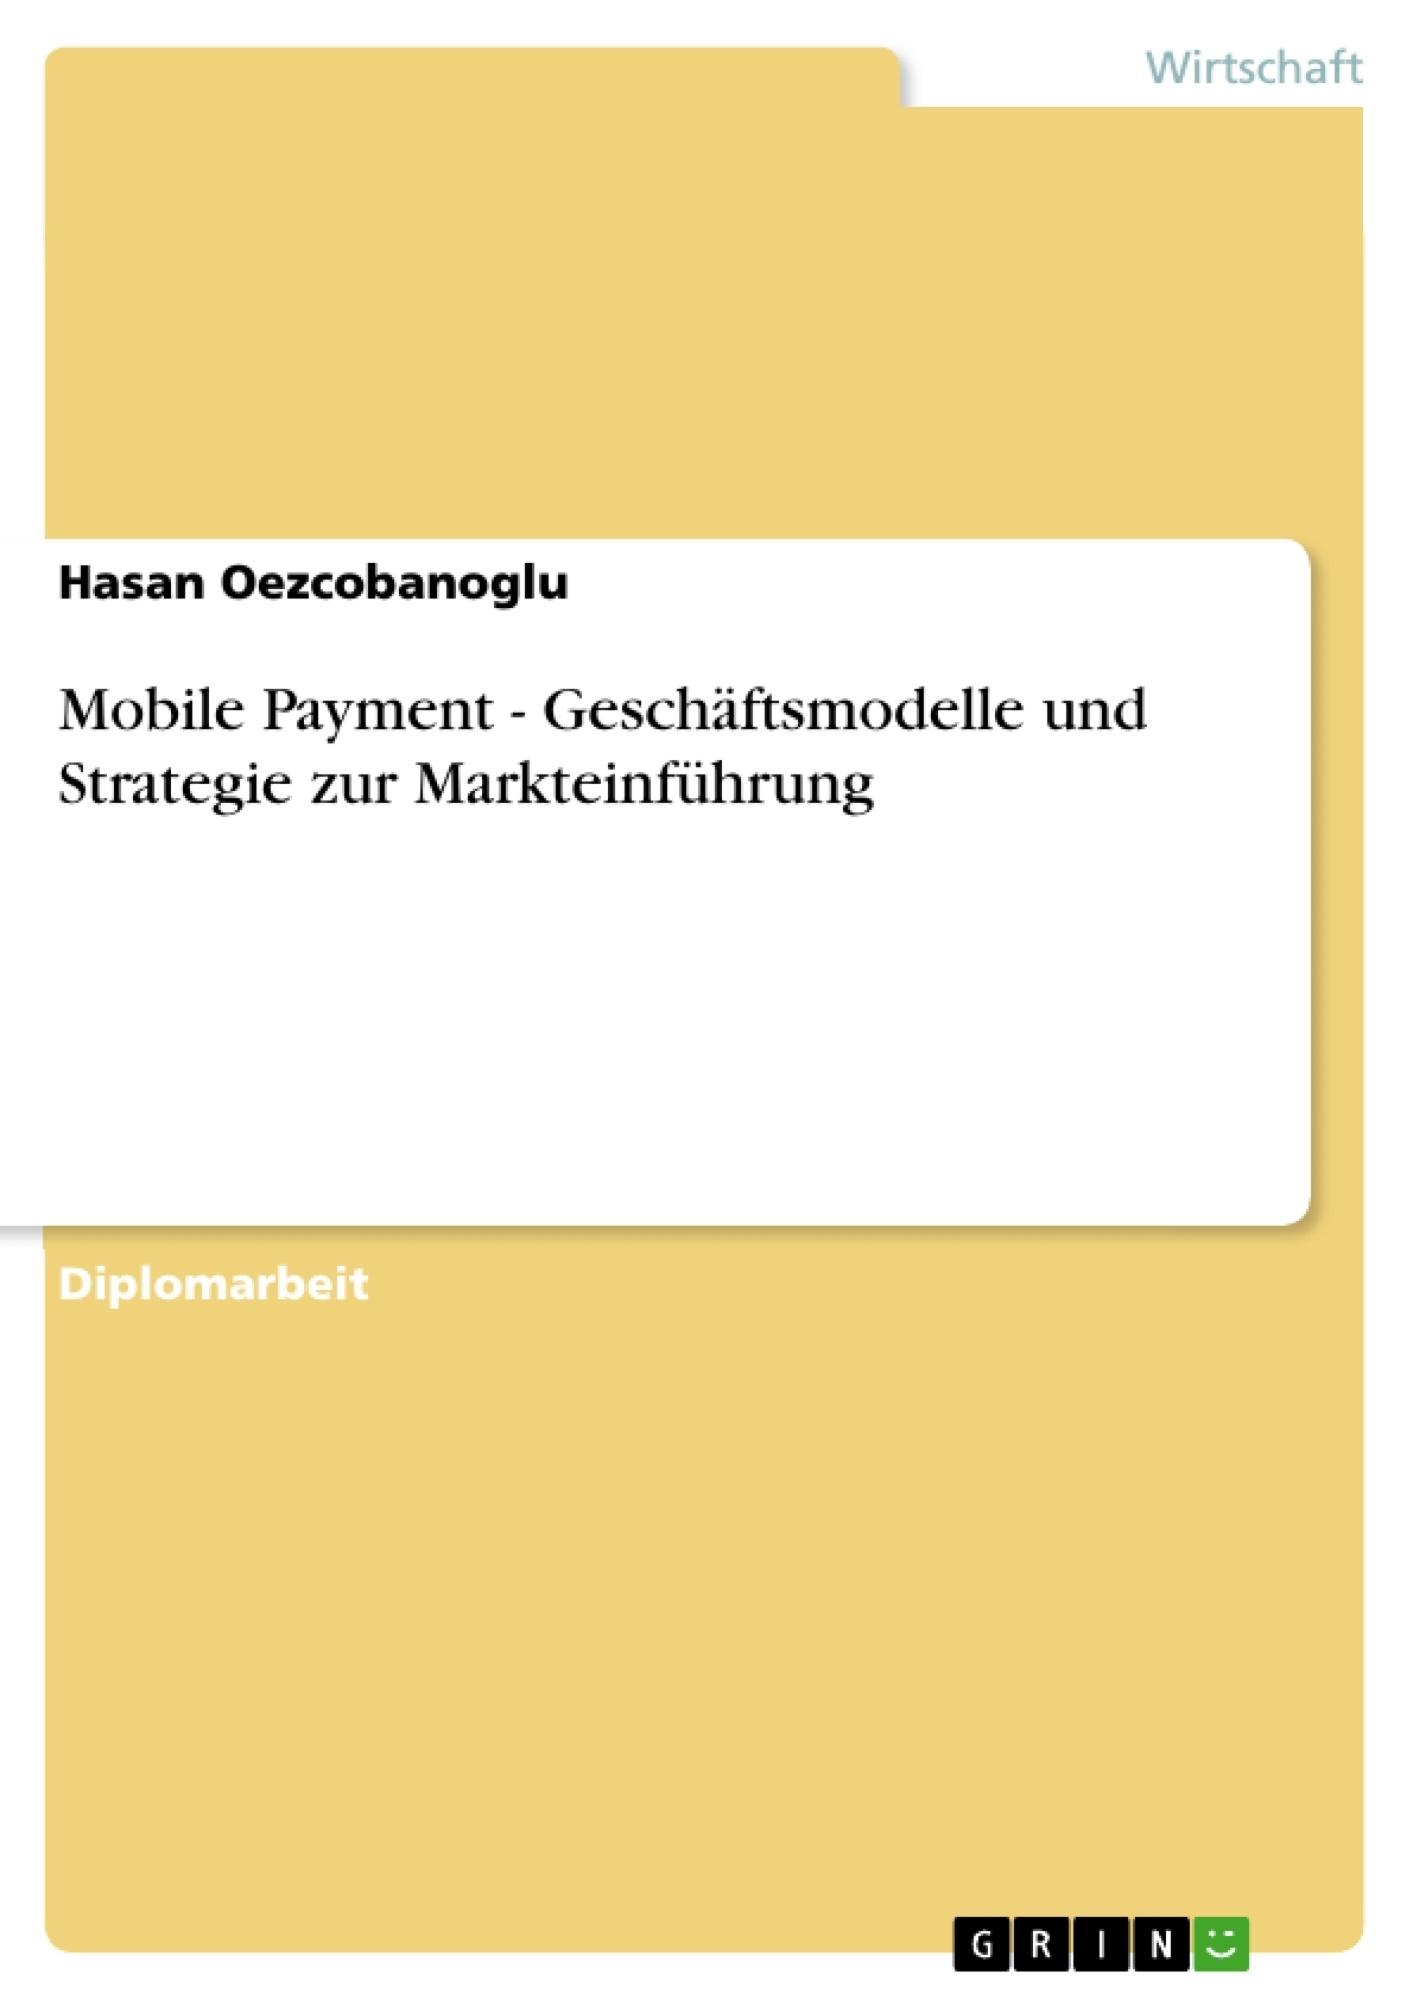 Titel: Mobile Payment - Geschäftsmodelle und Strategie zur Markteinführung